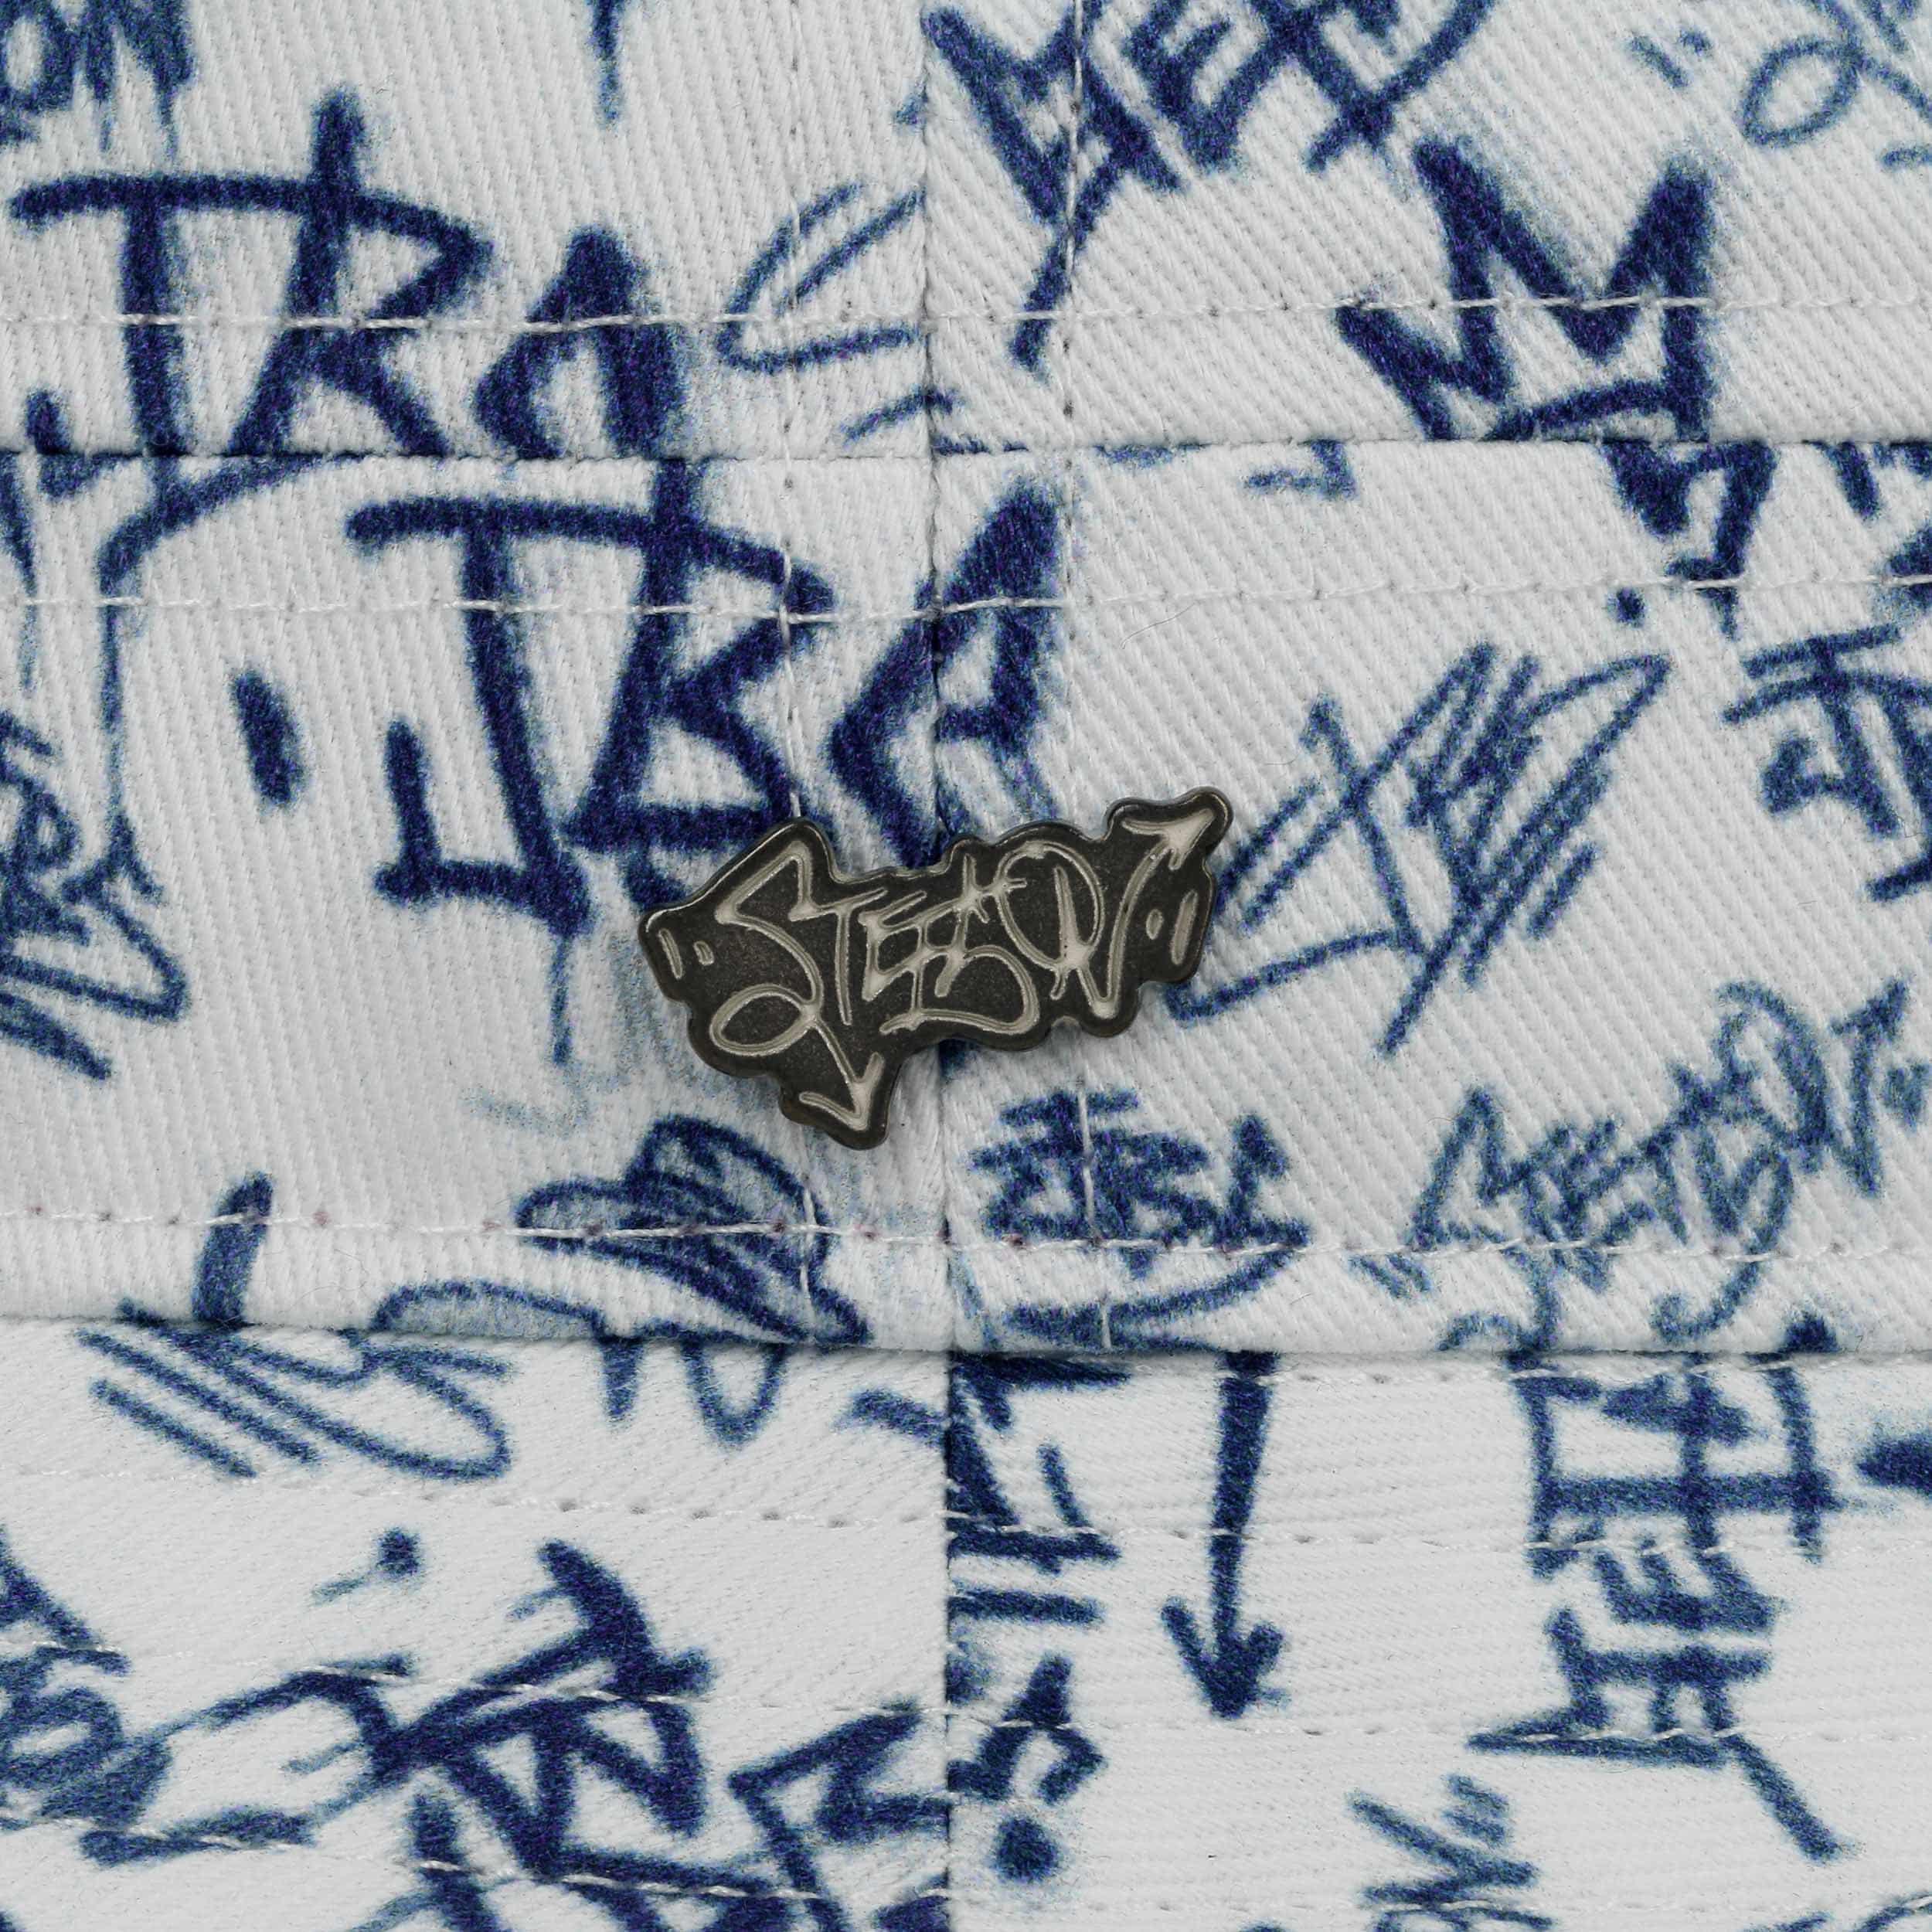 Sombrero Pescador JBS-Graffiti by Stetson - Sombreros - sombreroshop.es 078e6c57413